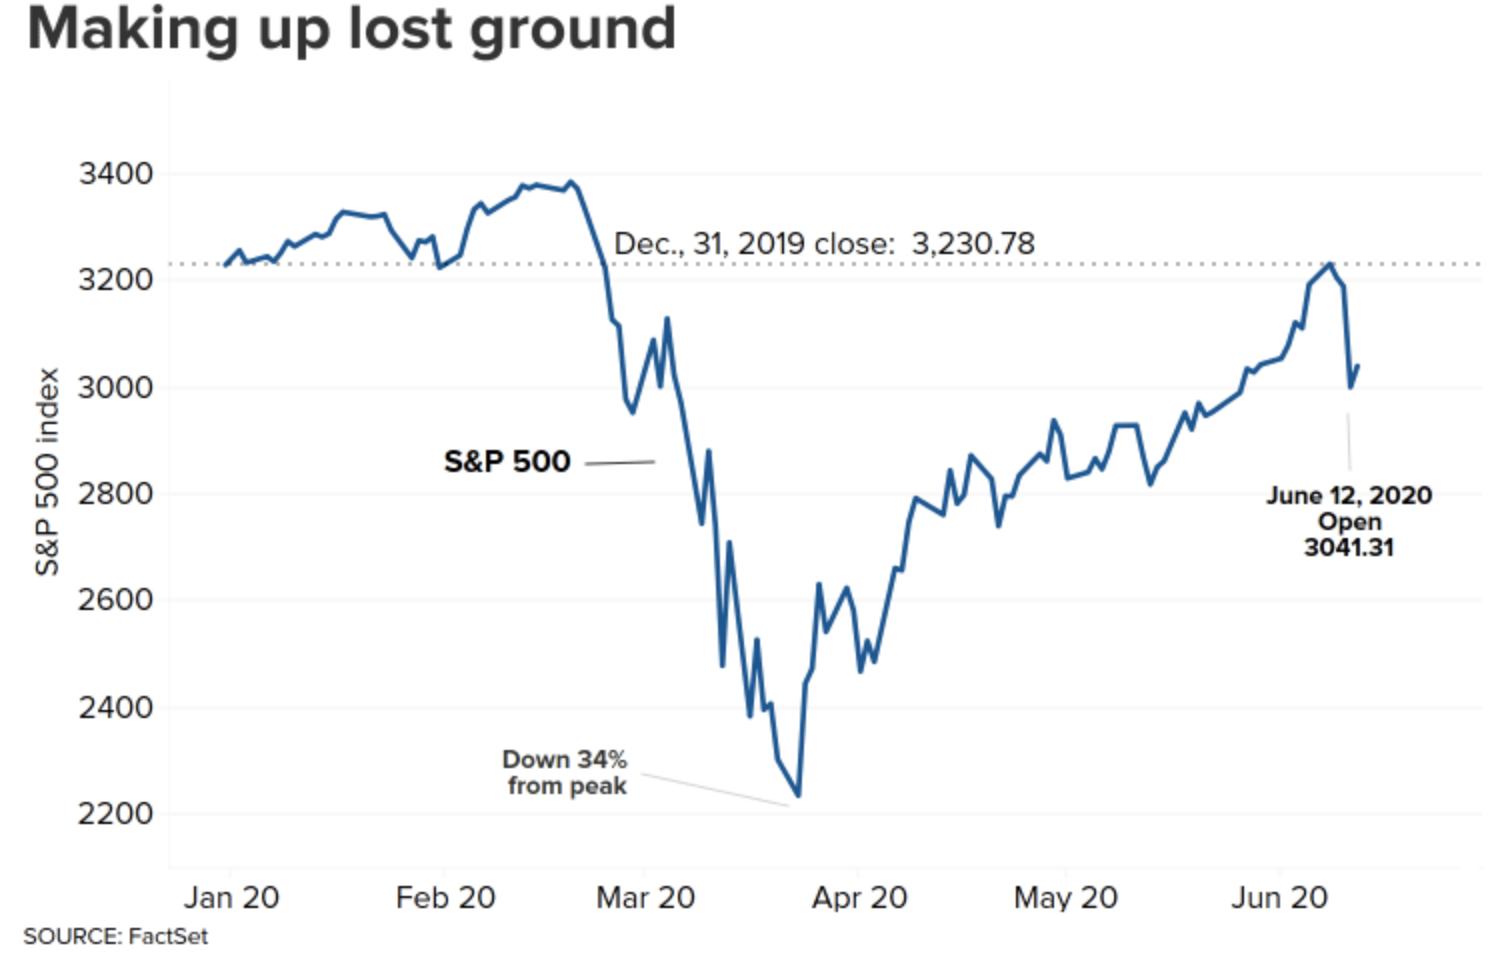 美国三大股指期货大跌 美股恐再迎动荡一周?